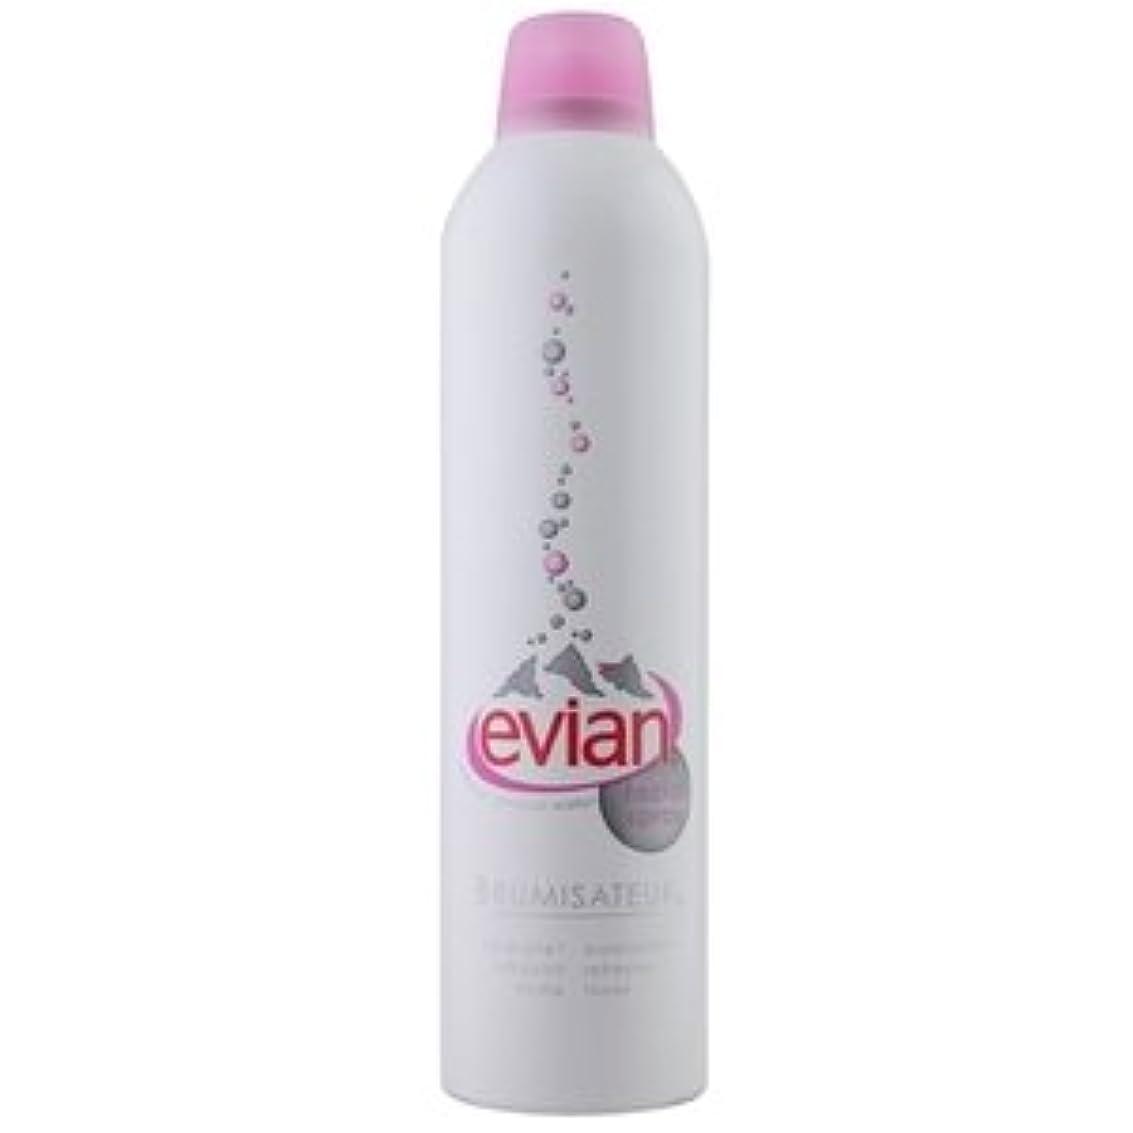 徒歩でエコー率直なエビアン(エヴィアン) ブルミザトワール ウォーター スプレー フェイシャル 化粧水 300ml スプレー缶(エアゾール) Evian Brumisateur Facial Spray 10.1oz